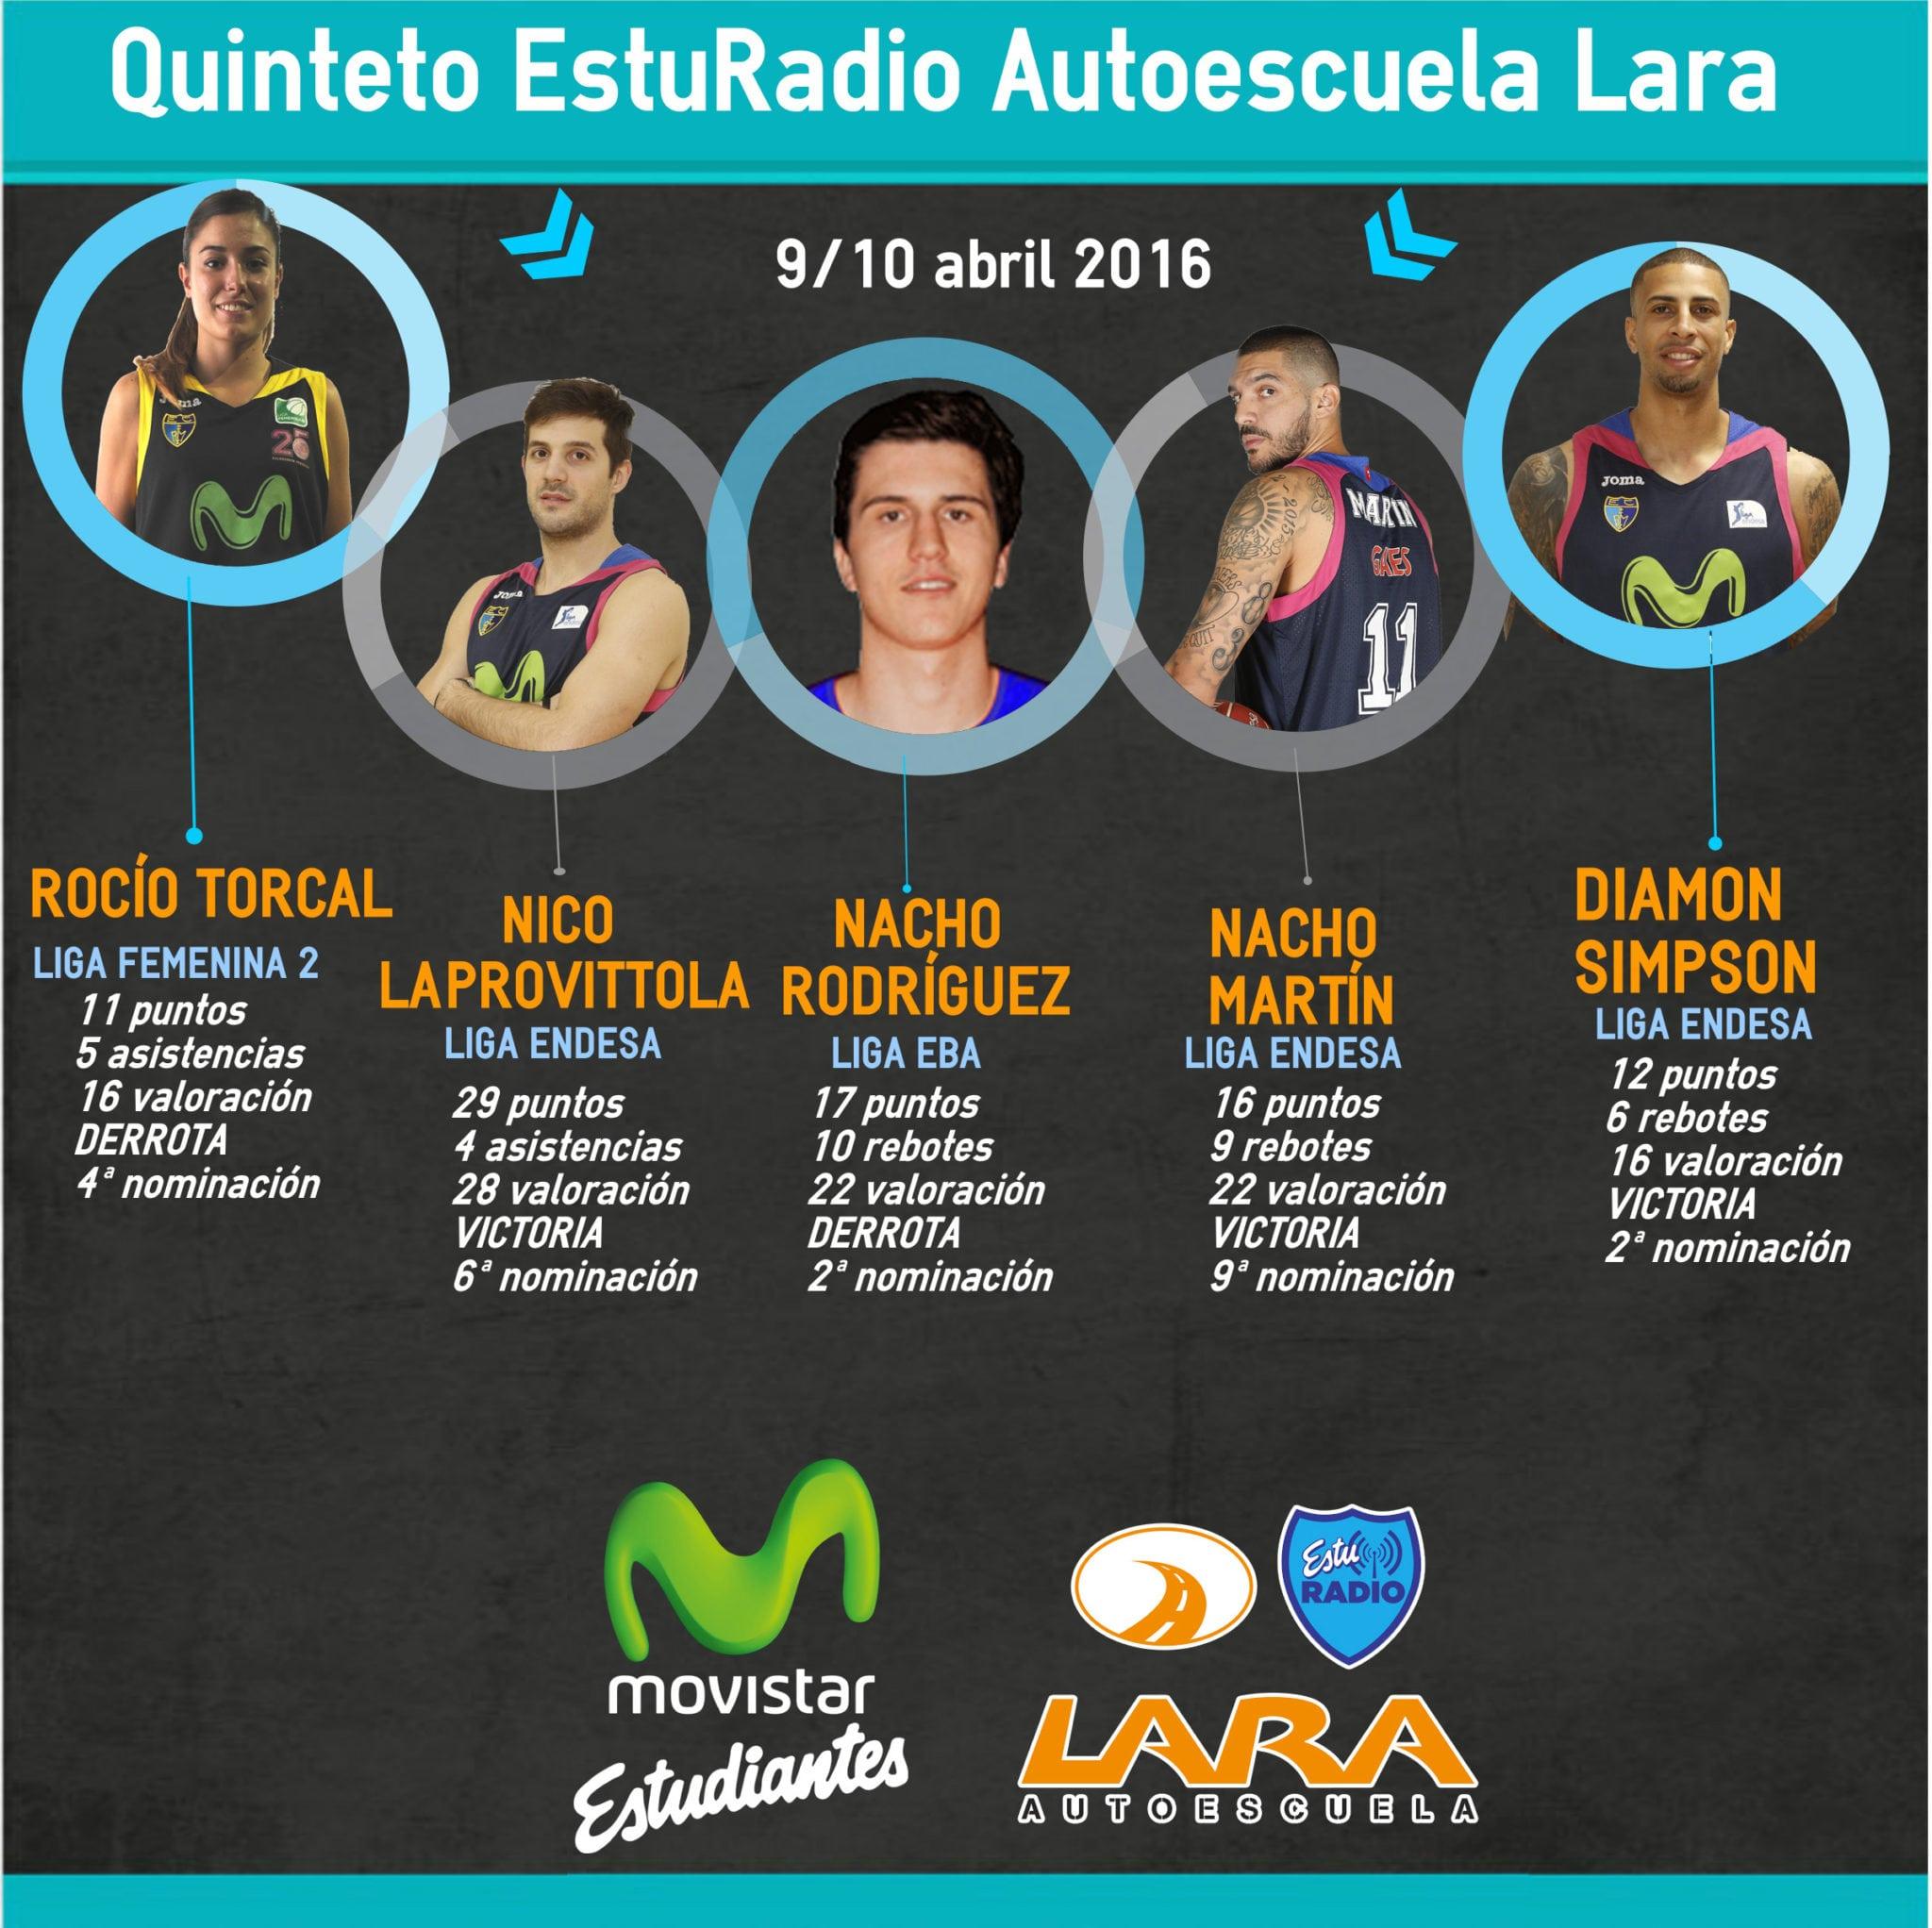 Quinteto EstuRadio Autoescuela Lara: Rocío Torcal, Nico Laprovittola, Nacho Rodríguez, Nacho Martín y Diamon Simpson